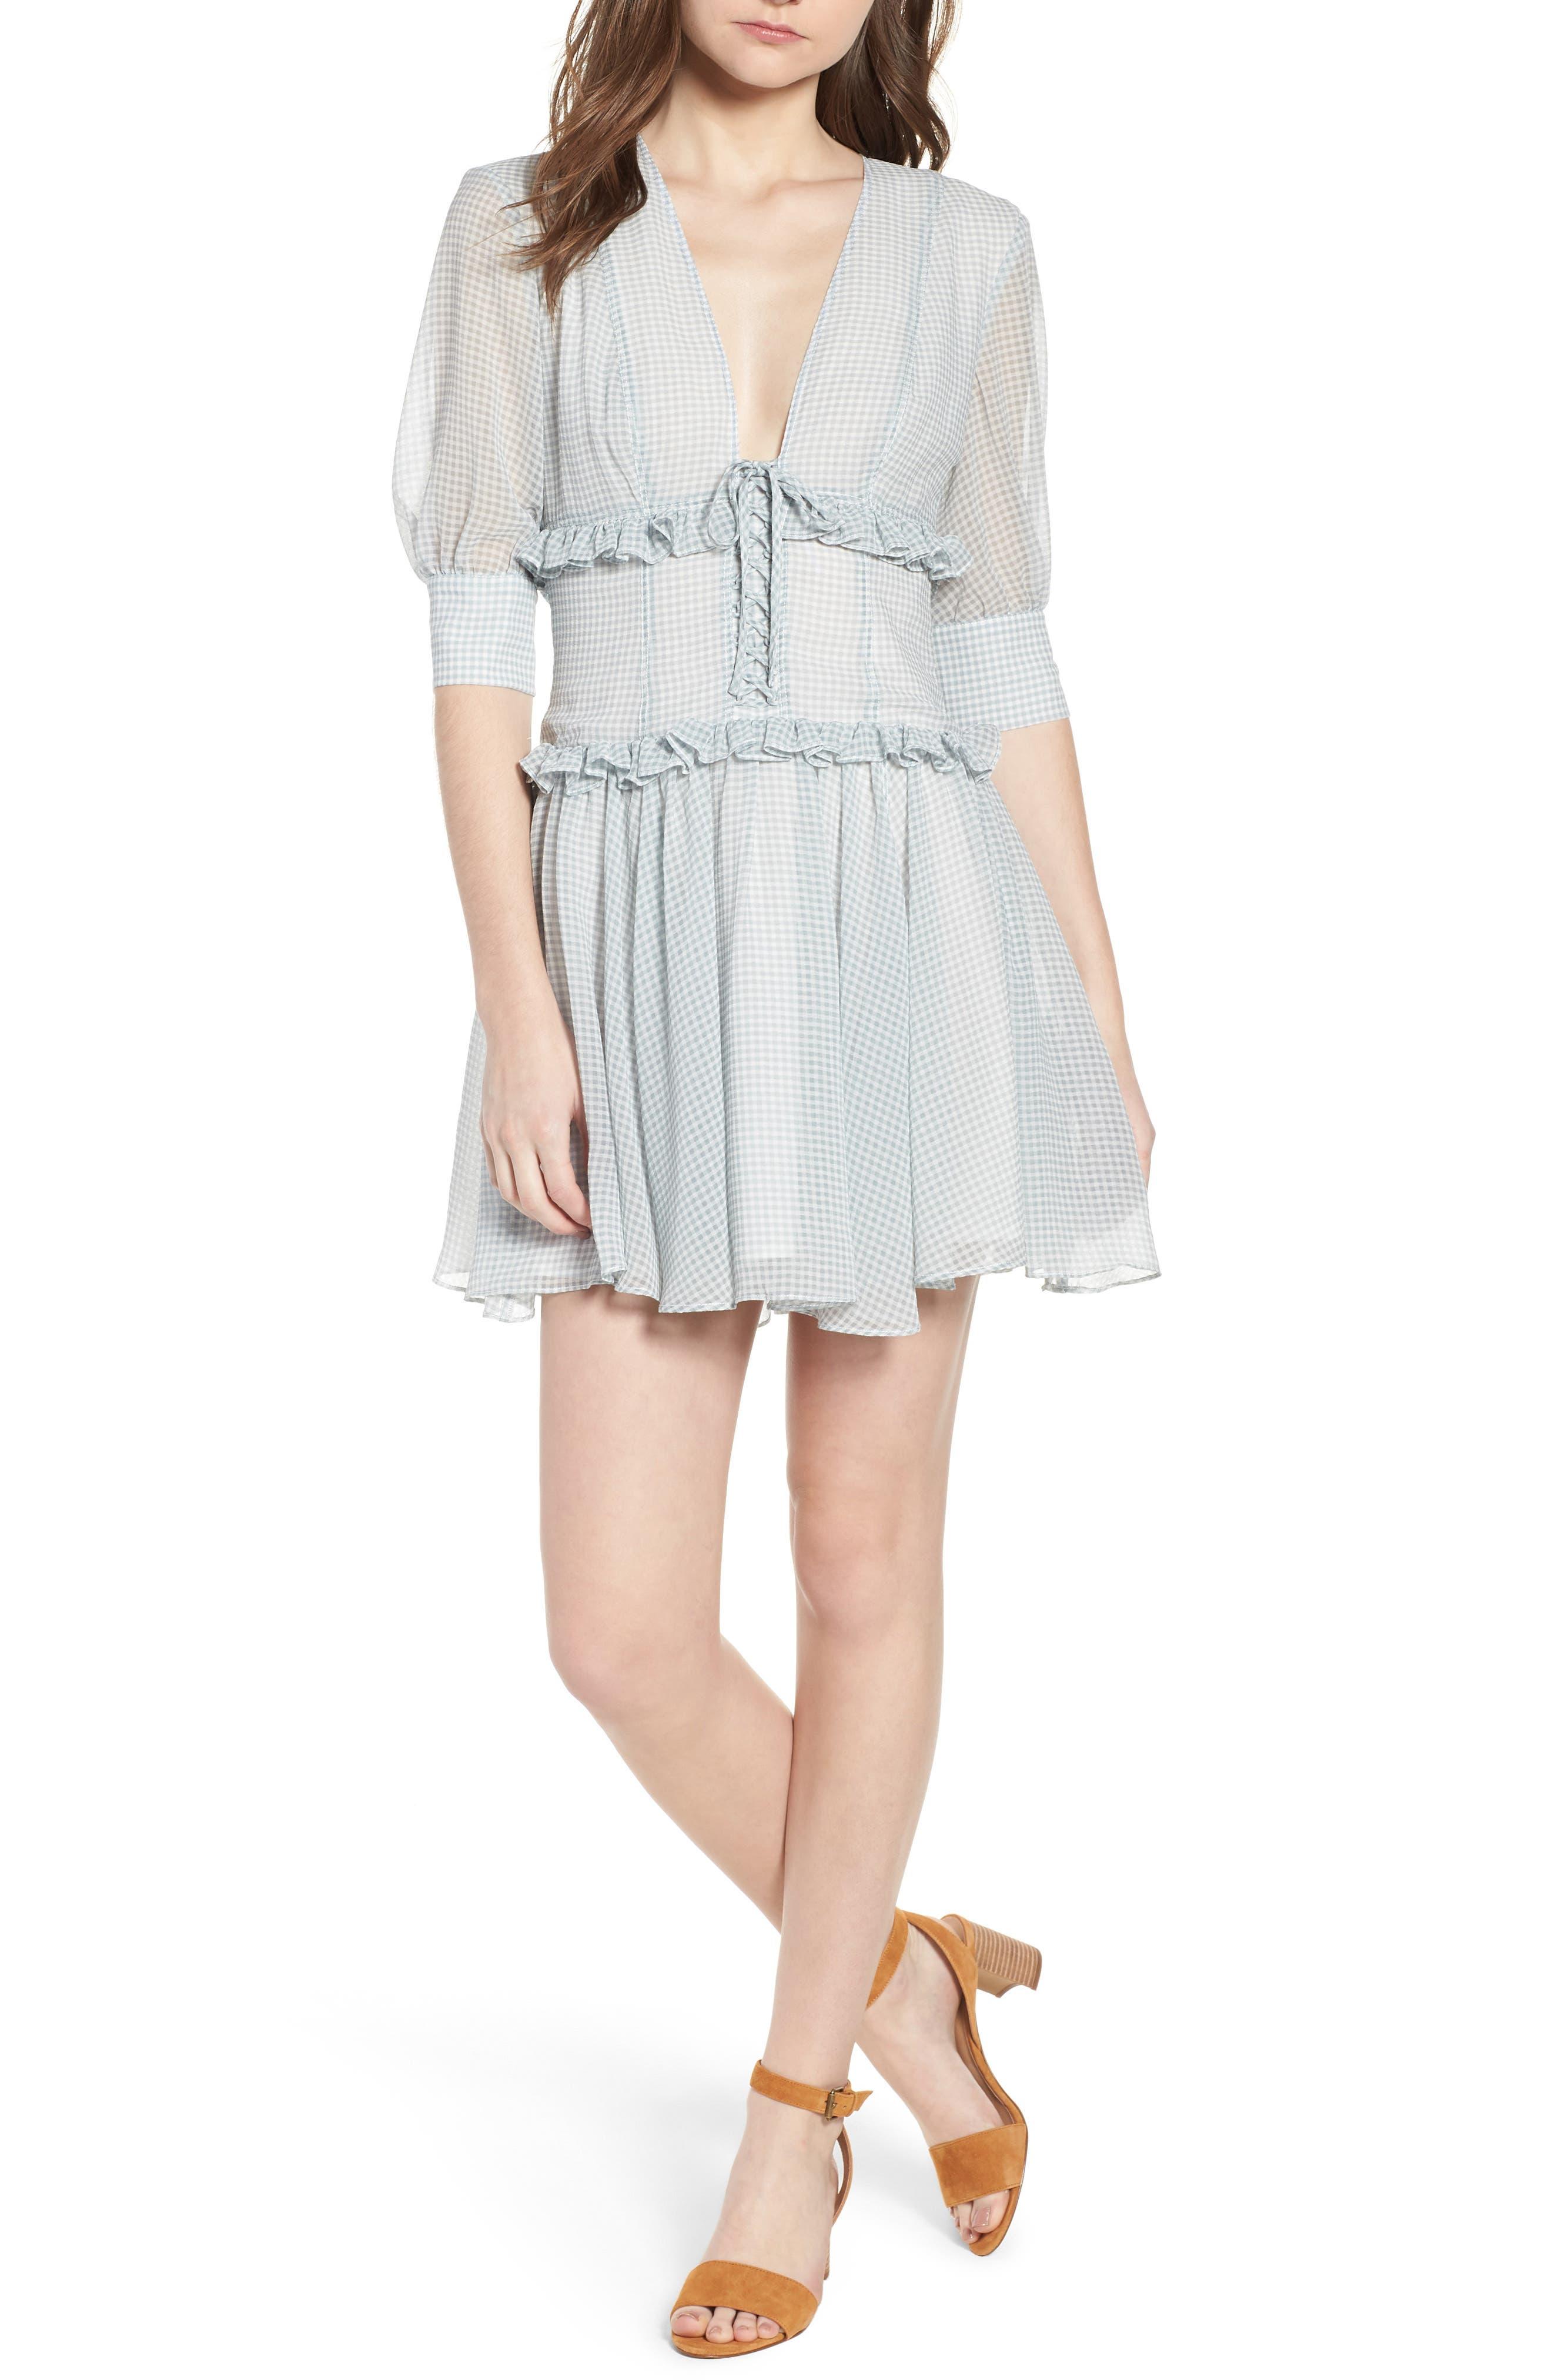 Willa Minidress,                         Main,                         color, June Bug Check